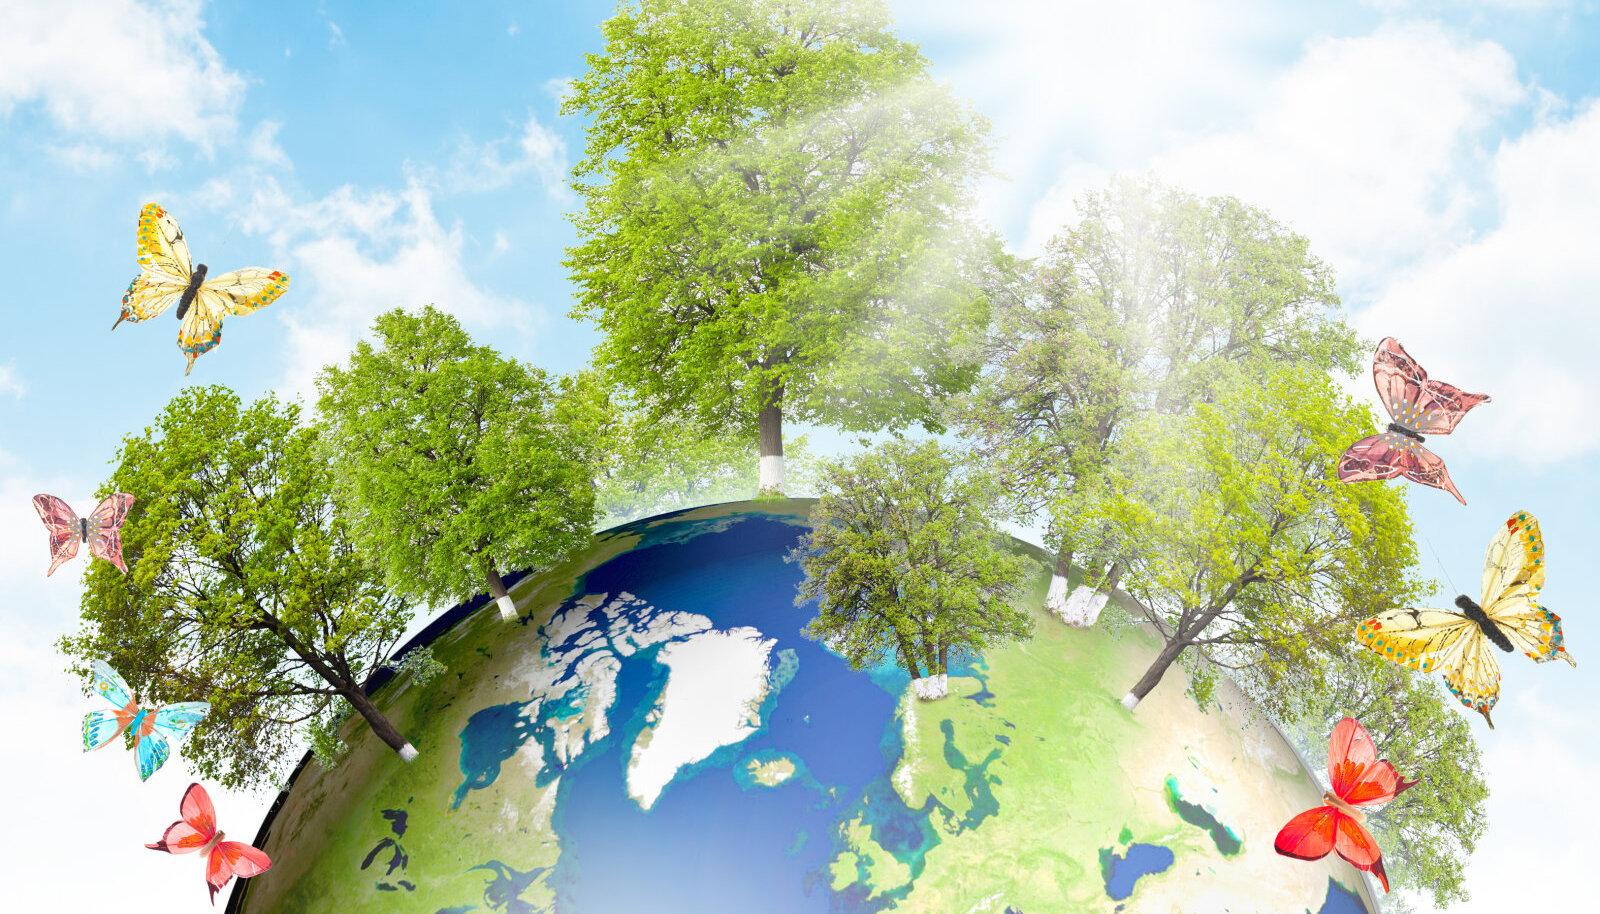 ''Muidugi jääb meil üle loota, et suudame looduskaitsealade loomise ja algsete maastike taastamisega ökosüsteemide kestlikkust taas tõsta, kuid see on mõttetu, kui me samal ajal mujal oma tegevusega liigikadu soosime,'' nentis Tim Newbold.